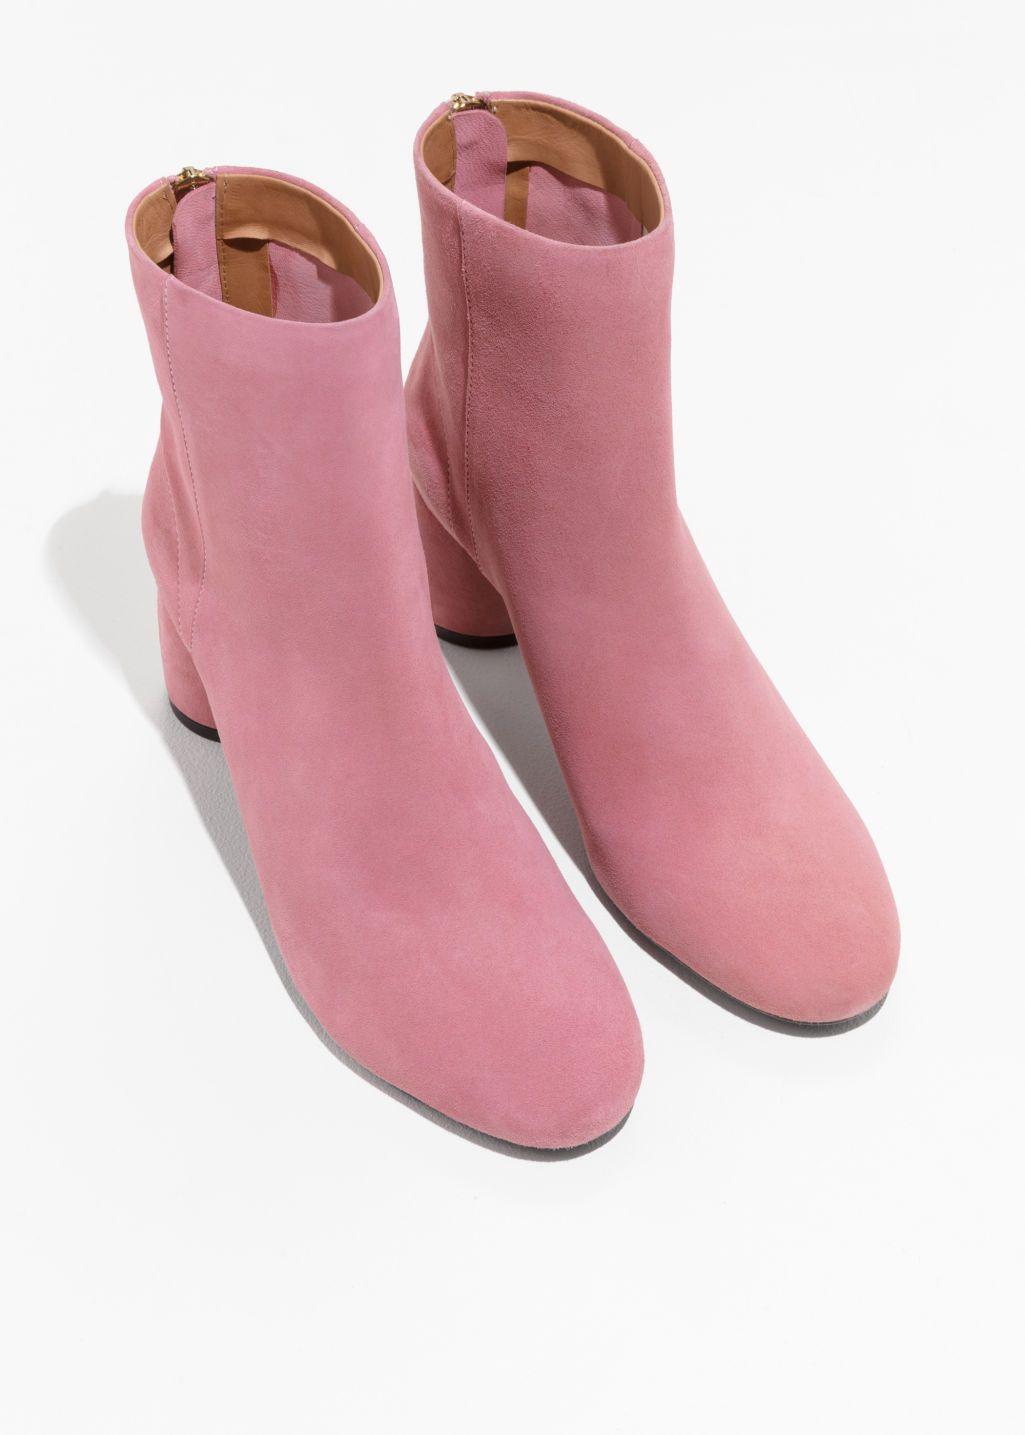 Cylinder Heel Boots - Pink Acheter Recommande Pas Cher Prix Pas Cher Frais De Port Offerts Meilleur Gros À Vendre Dédouanement Bas Prix Vente Très Pas Cher UrLzIVy